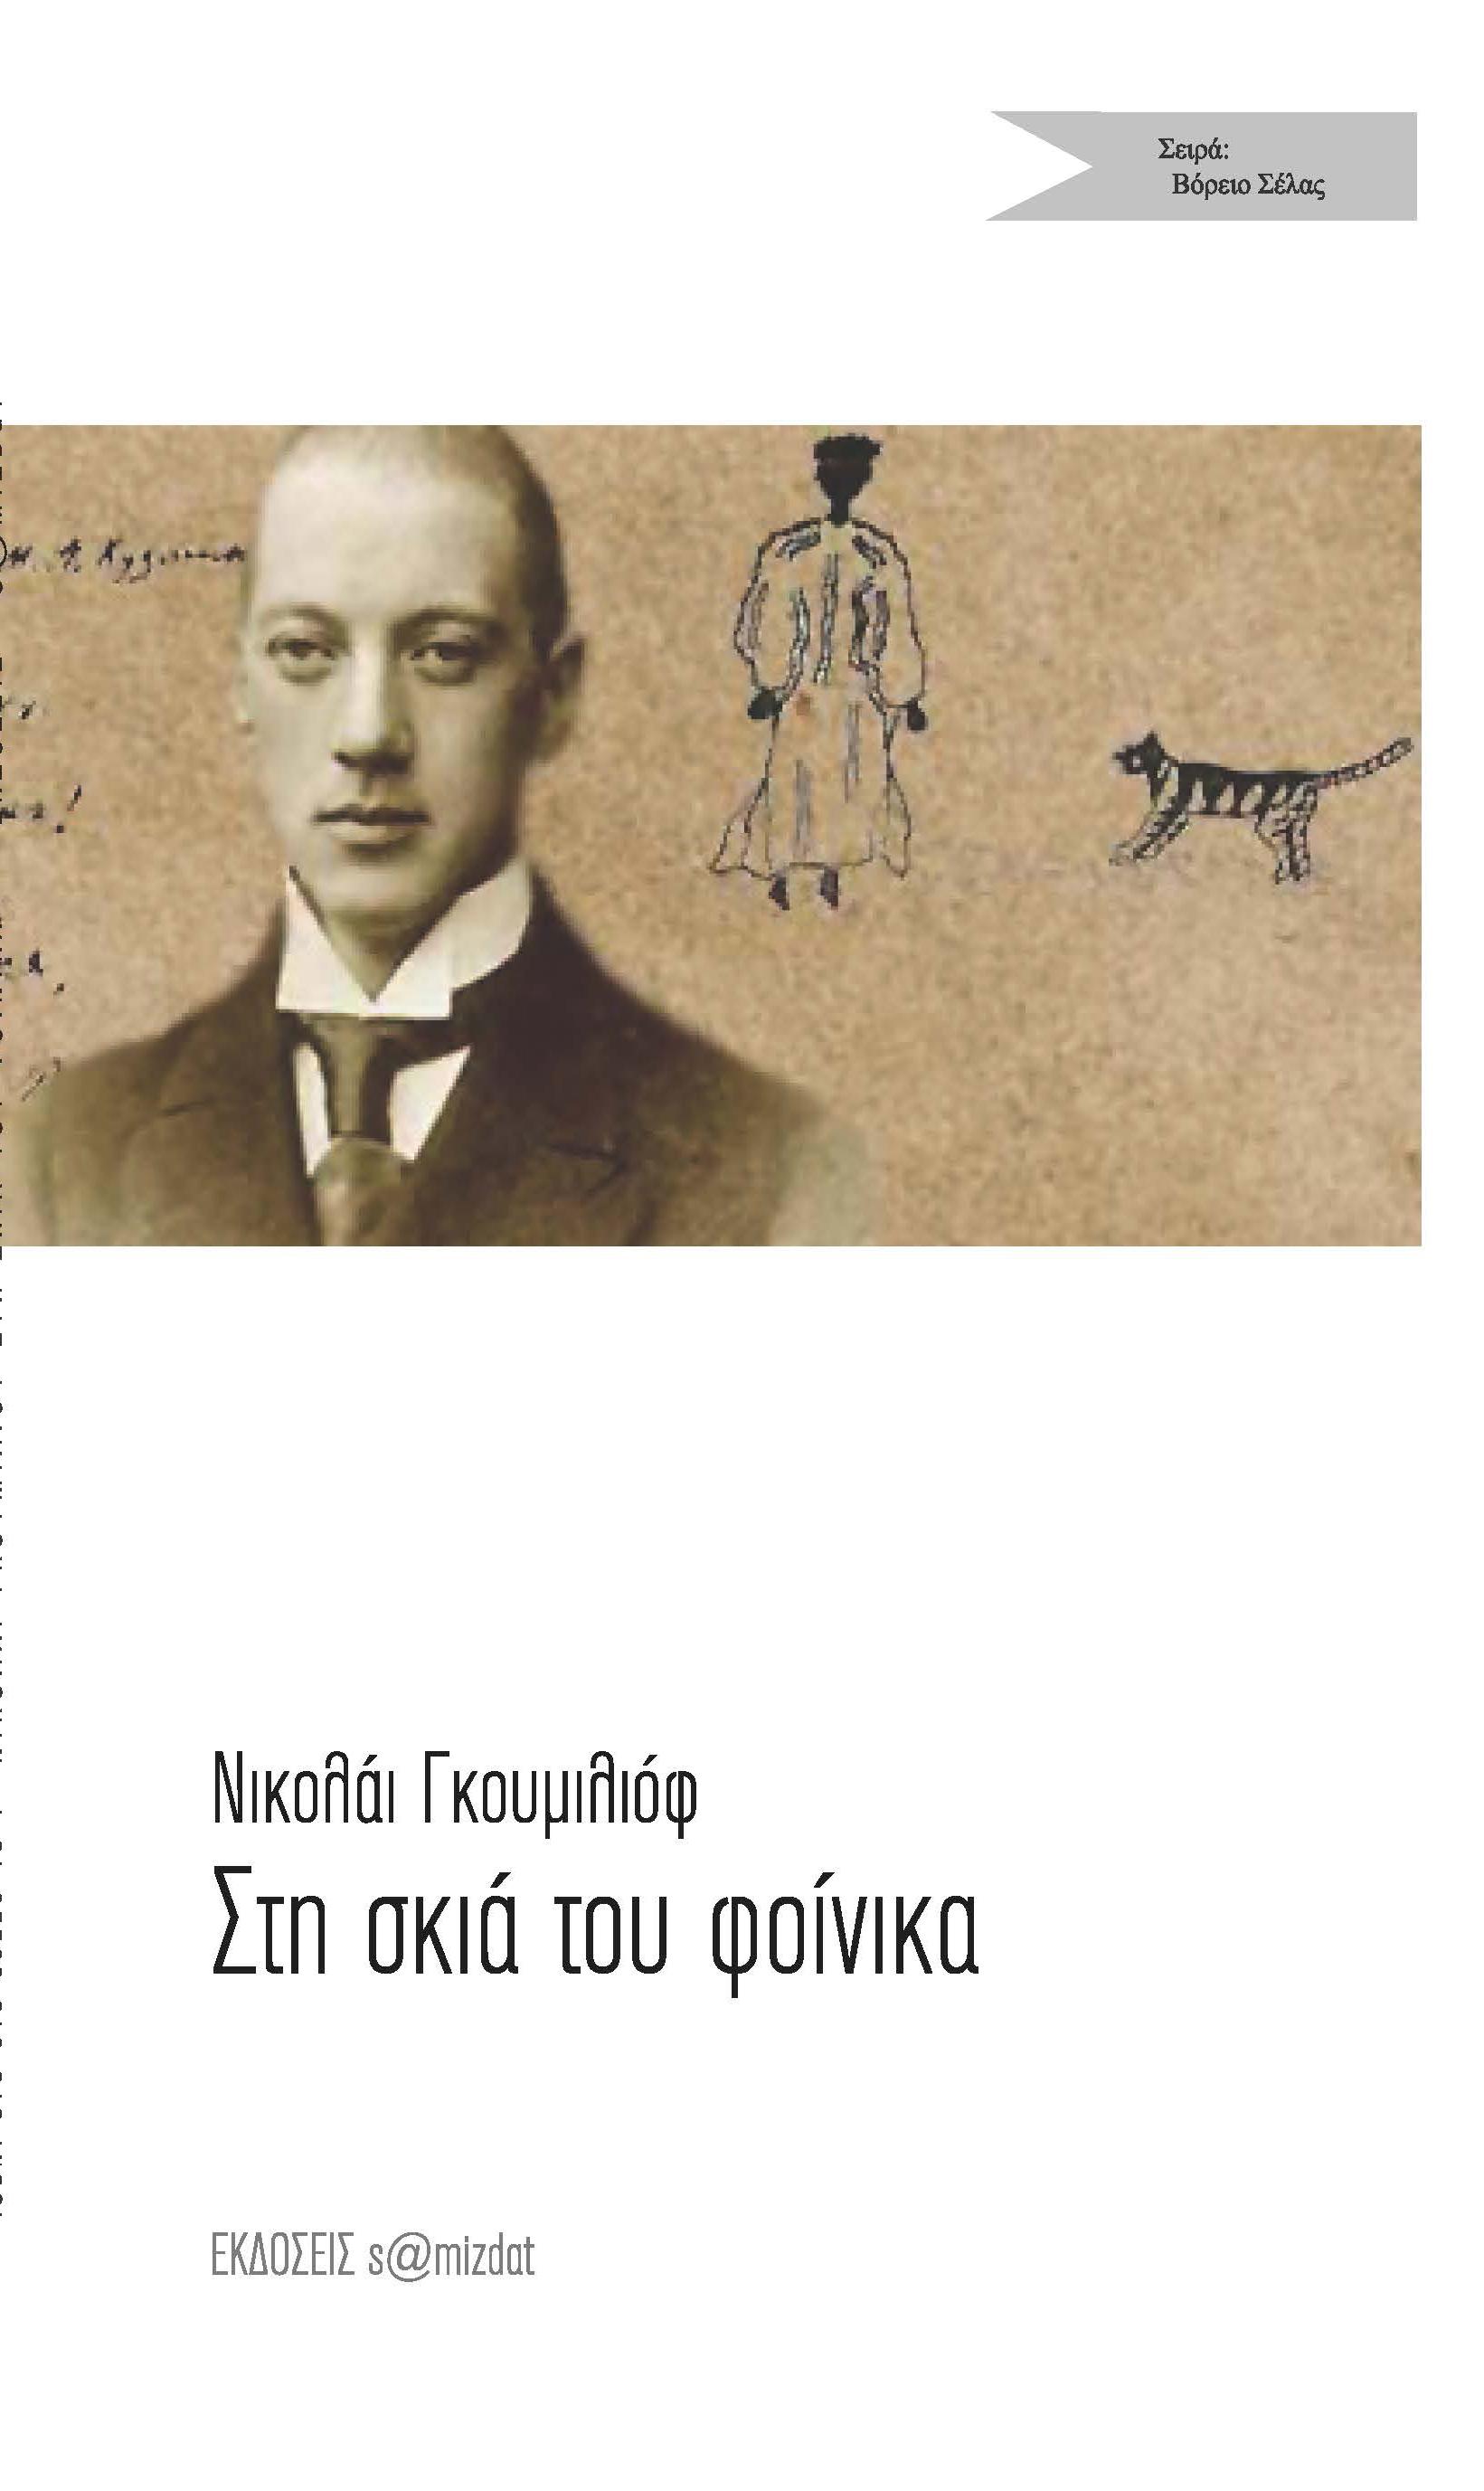 Νικολάι Γκουμιλιόφ Στη σκιά του φοίνικα